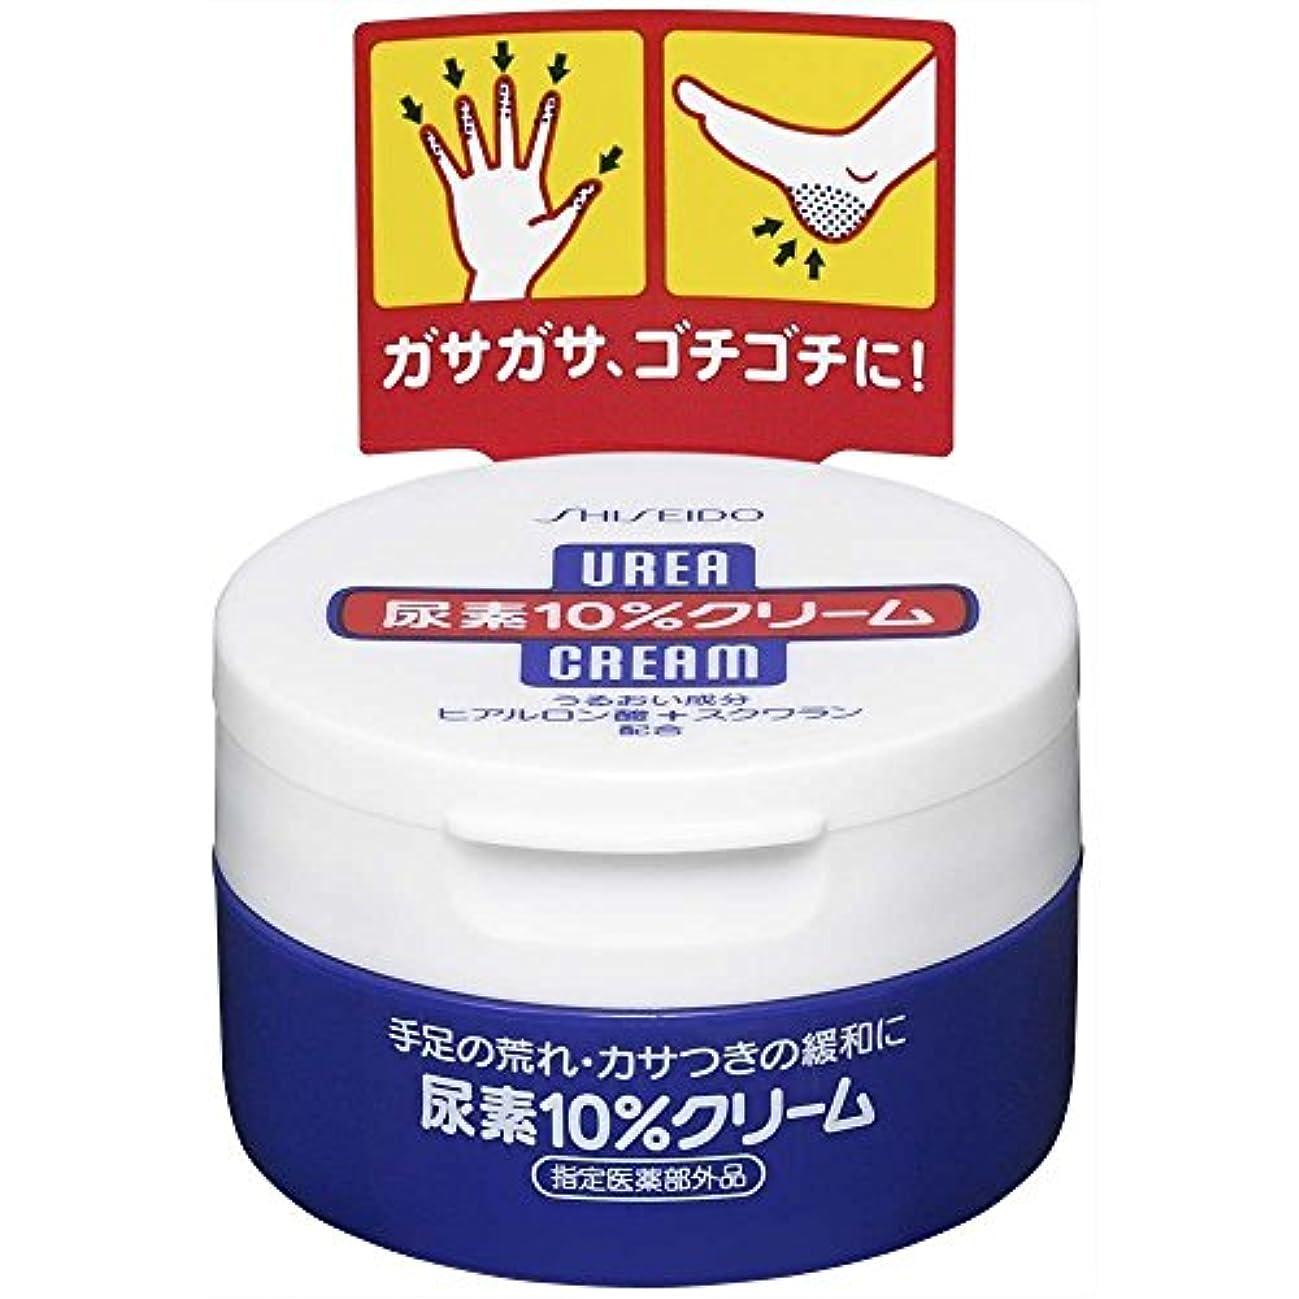 プラグバトル会議資生堂 尿素10%クリーム 100g(医薬部外品)